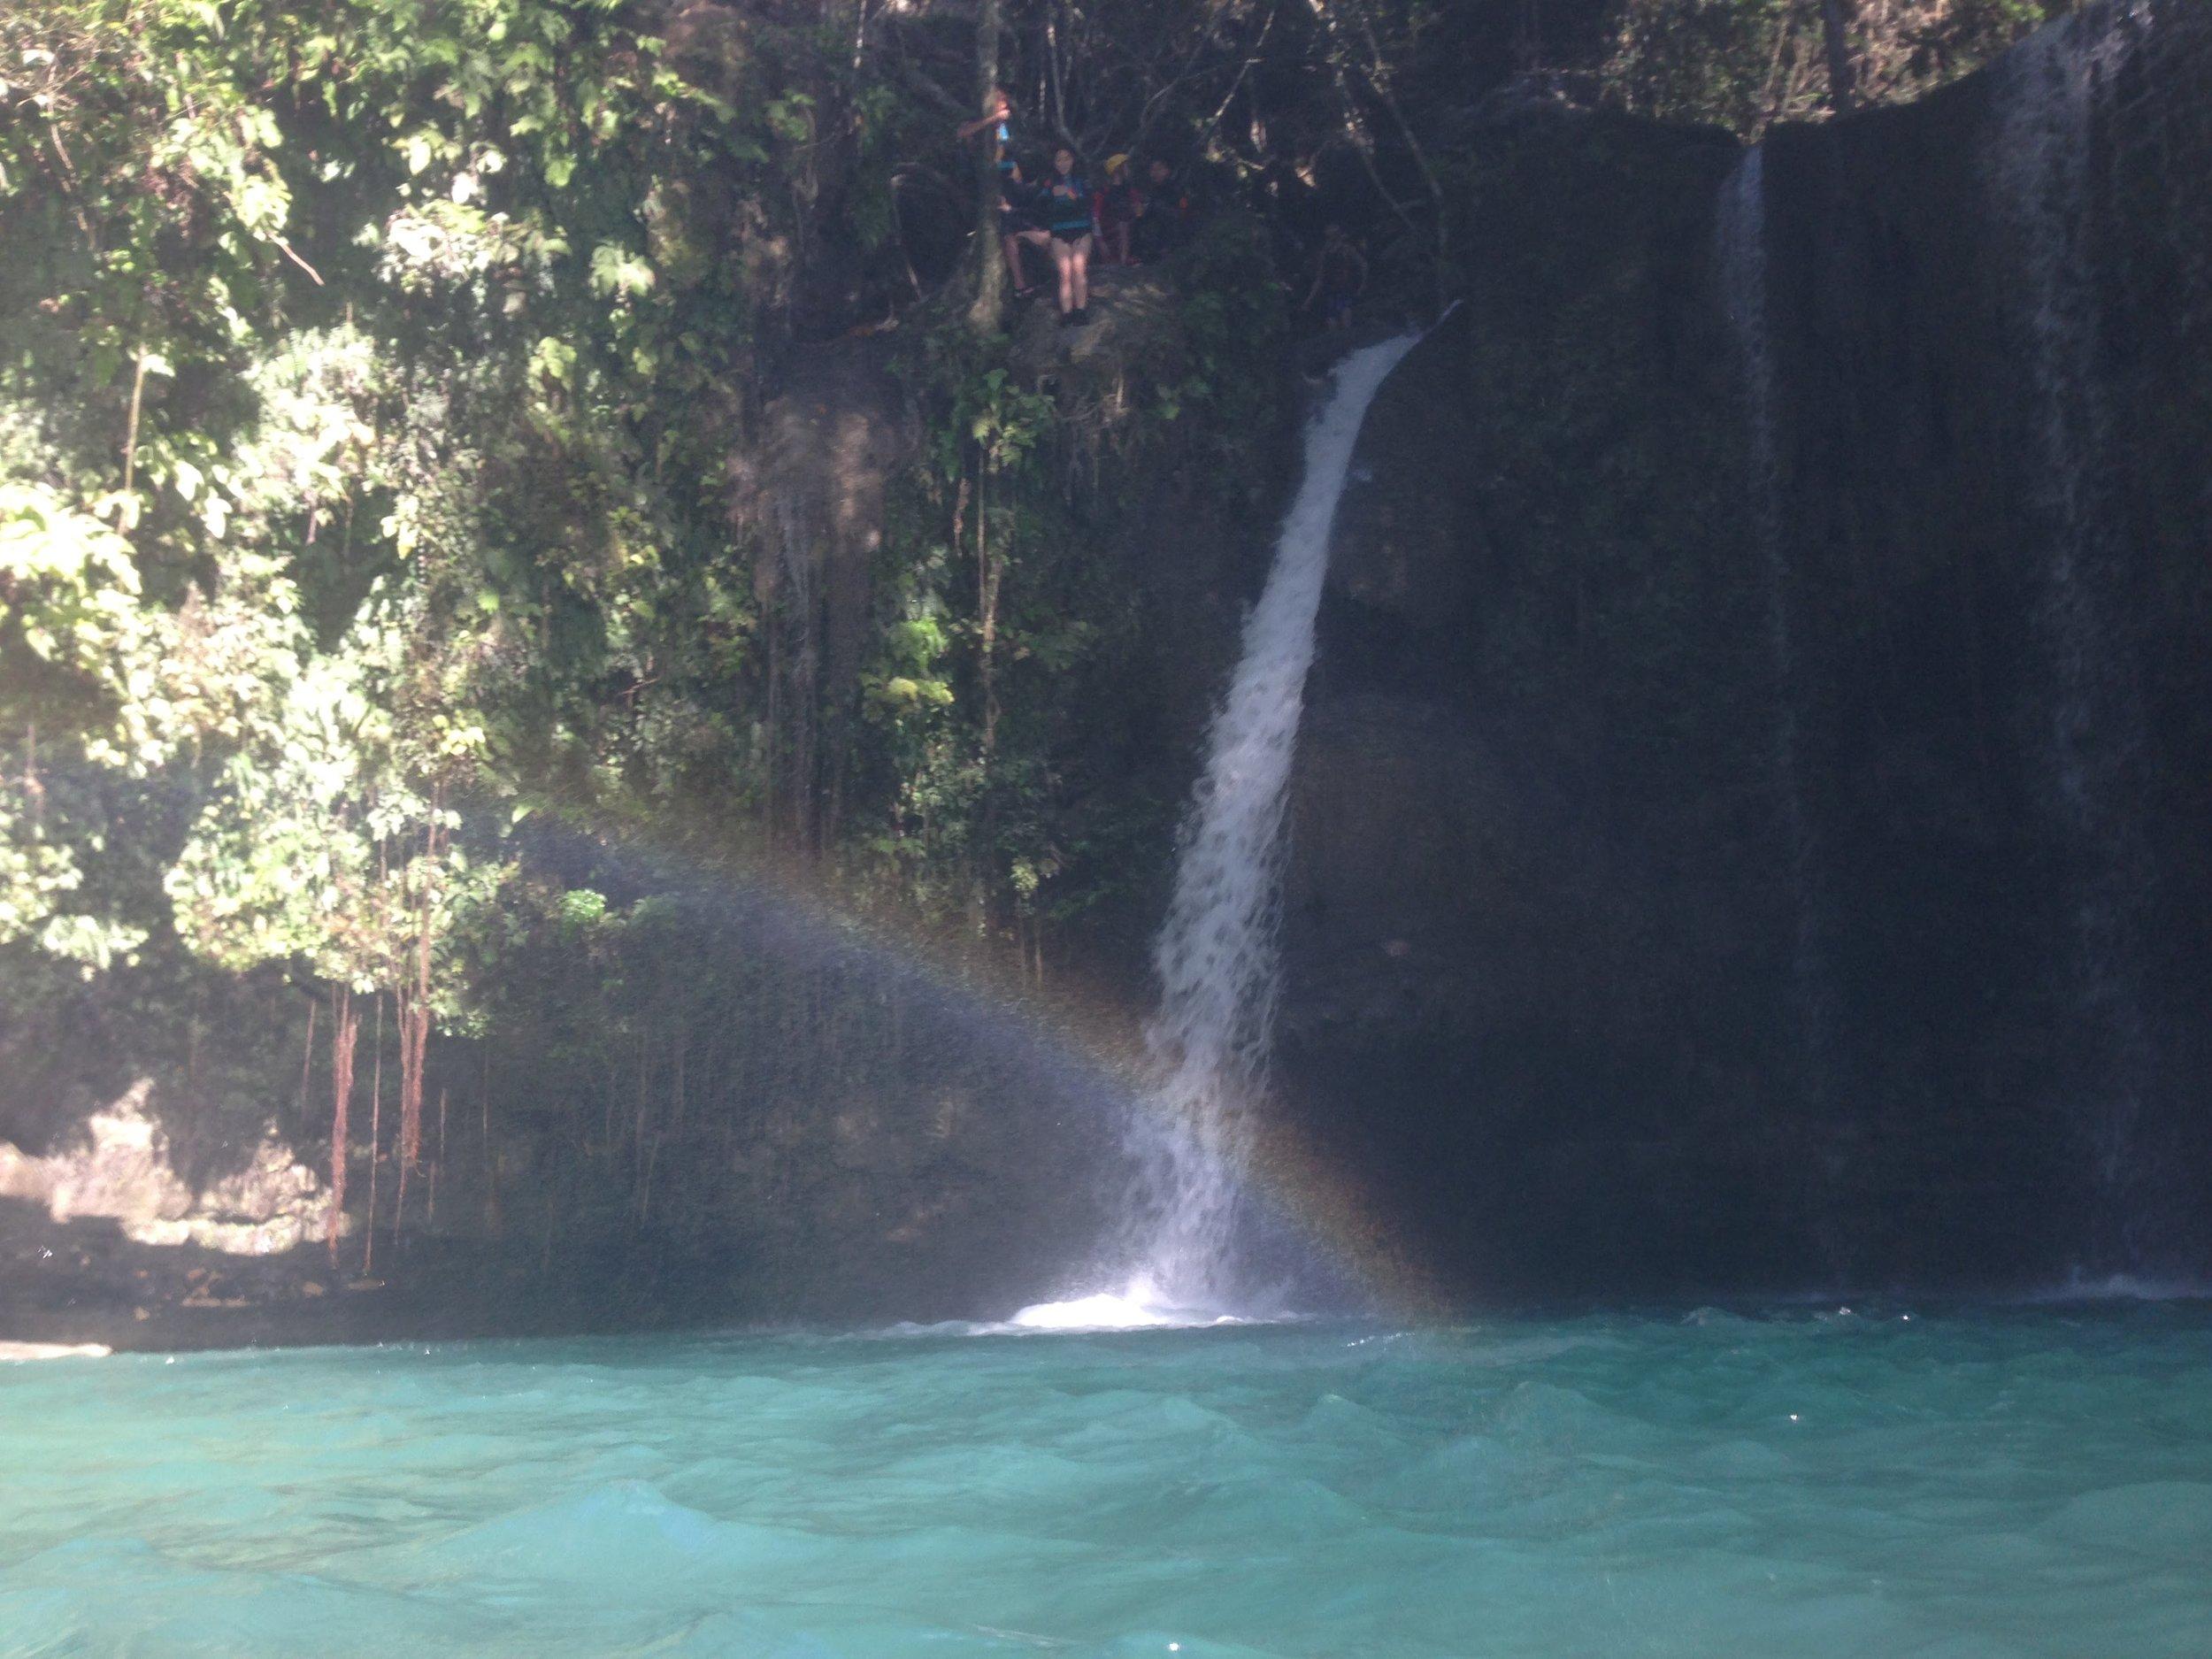 Canyoneering Kawasa waterfall Philippines - 4